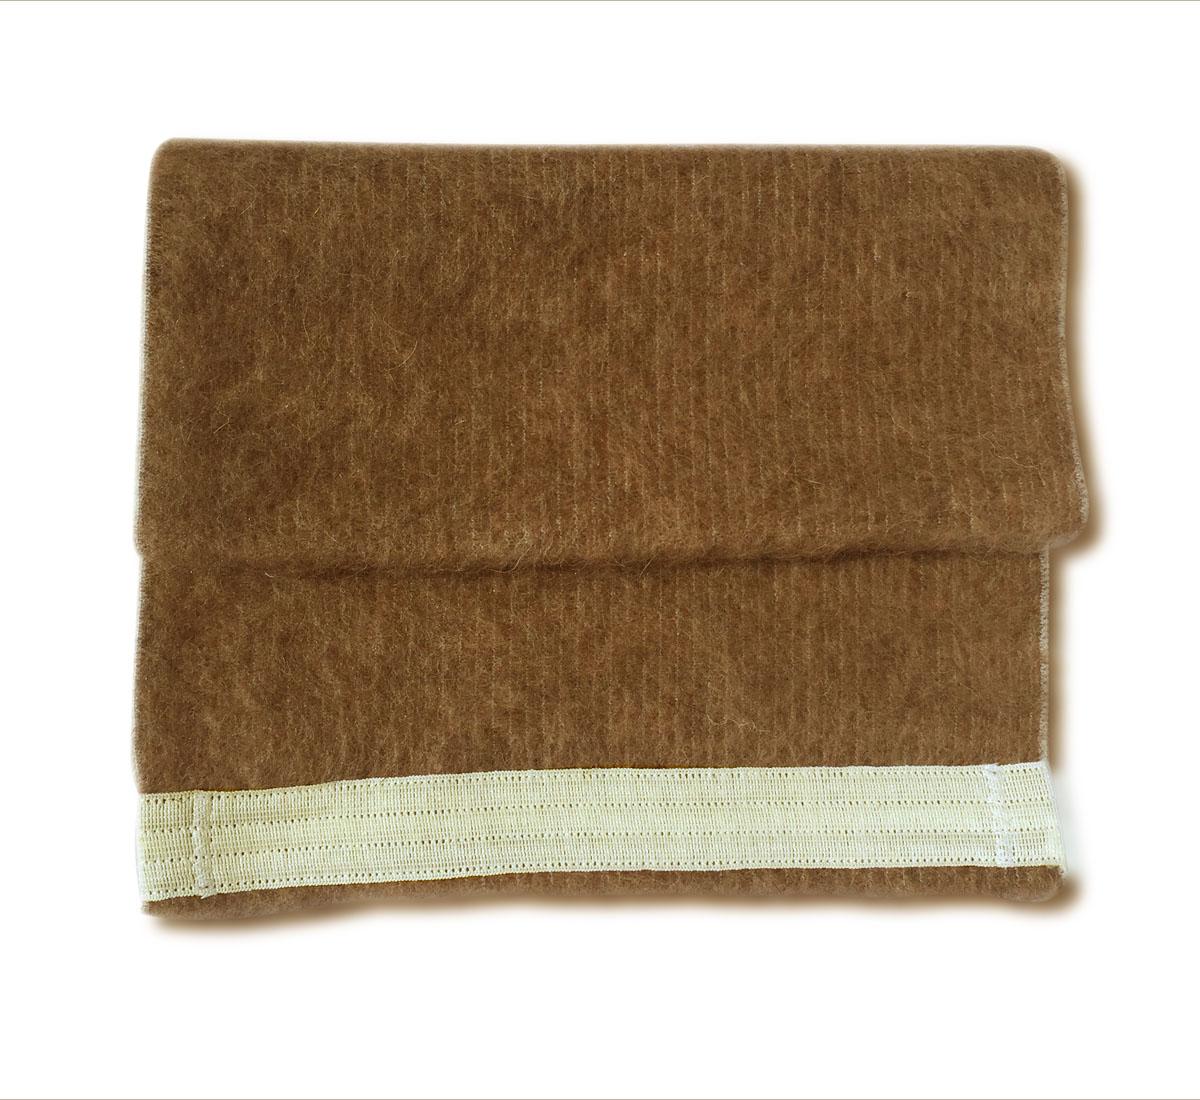 Леонарда-сервис Пояс-бандаж согревающий, верблюжья шерсть, размер 3 (талия 76-81) (ИМН) 10020586